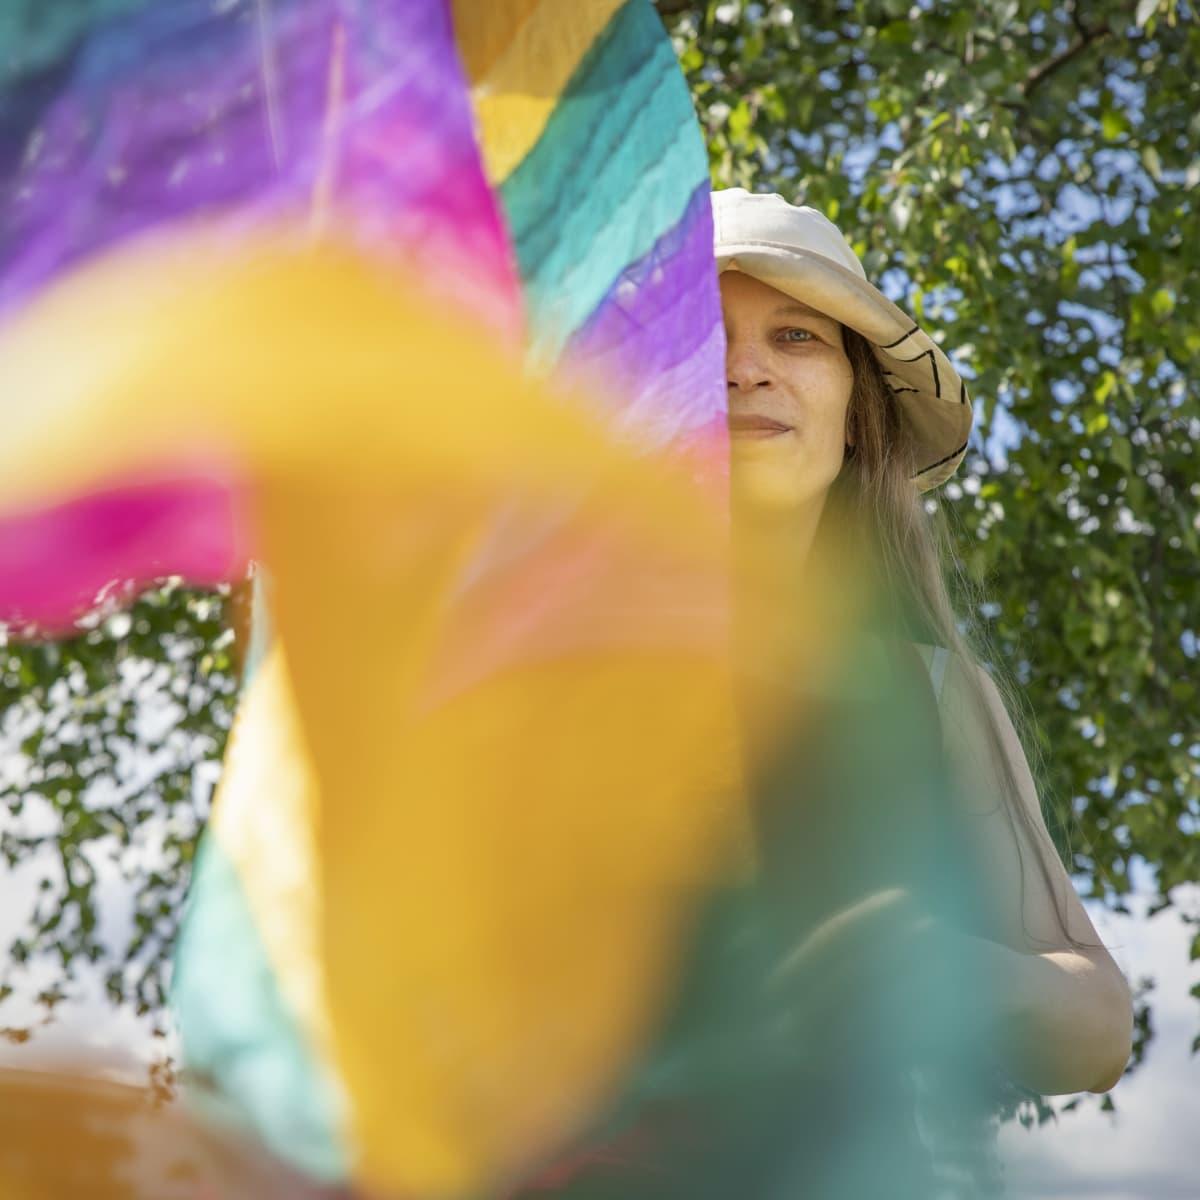 Alia Dannenberg ja tuulessa hulmuava sateenkaarihuivi.